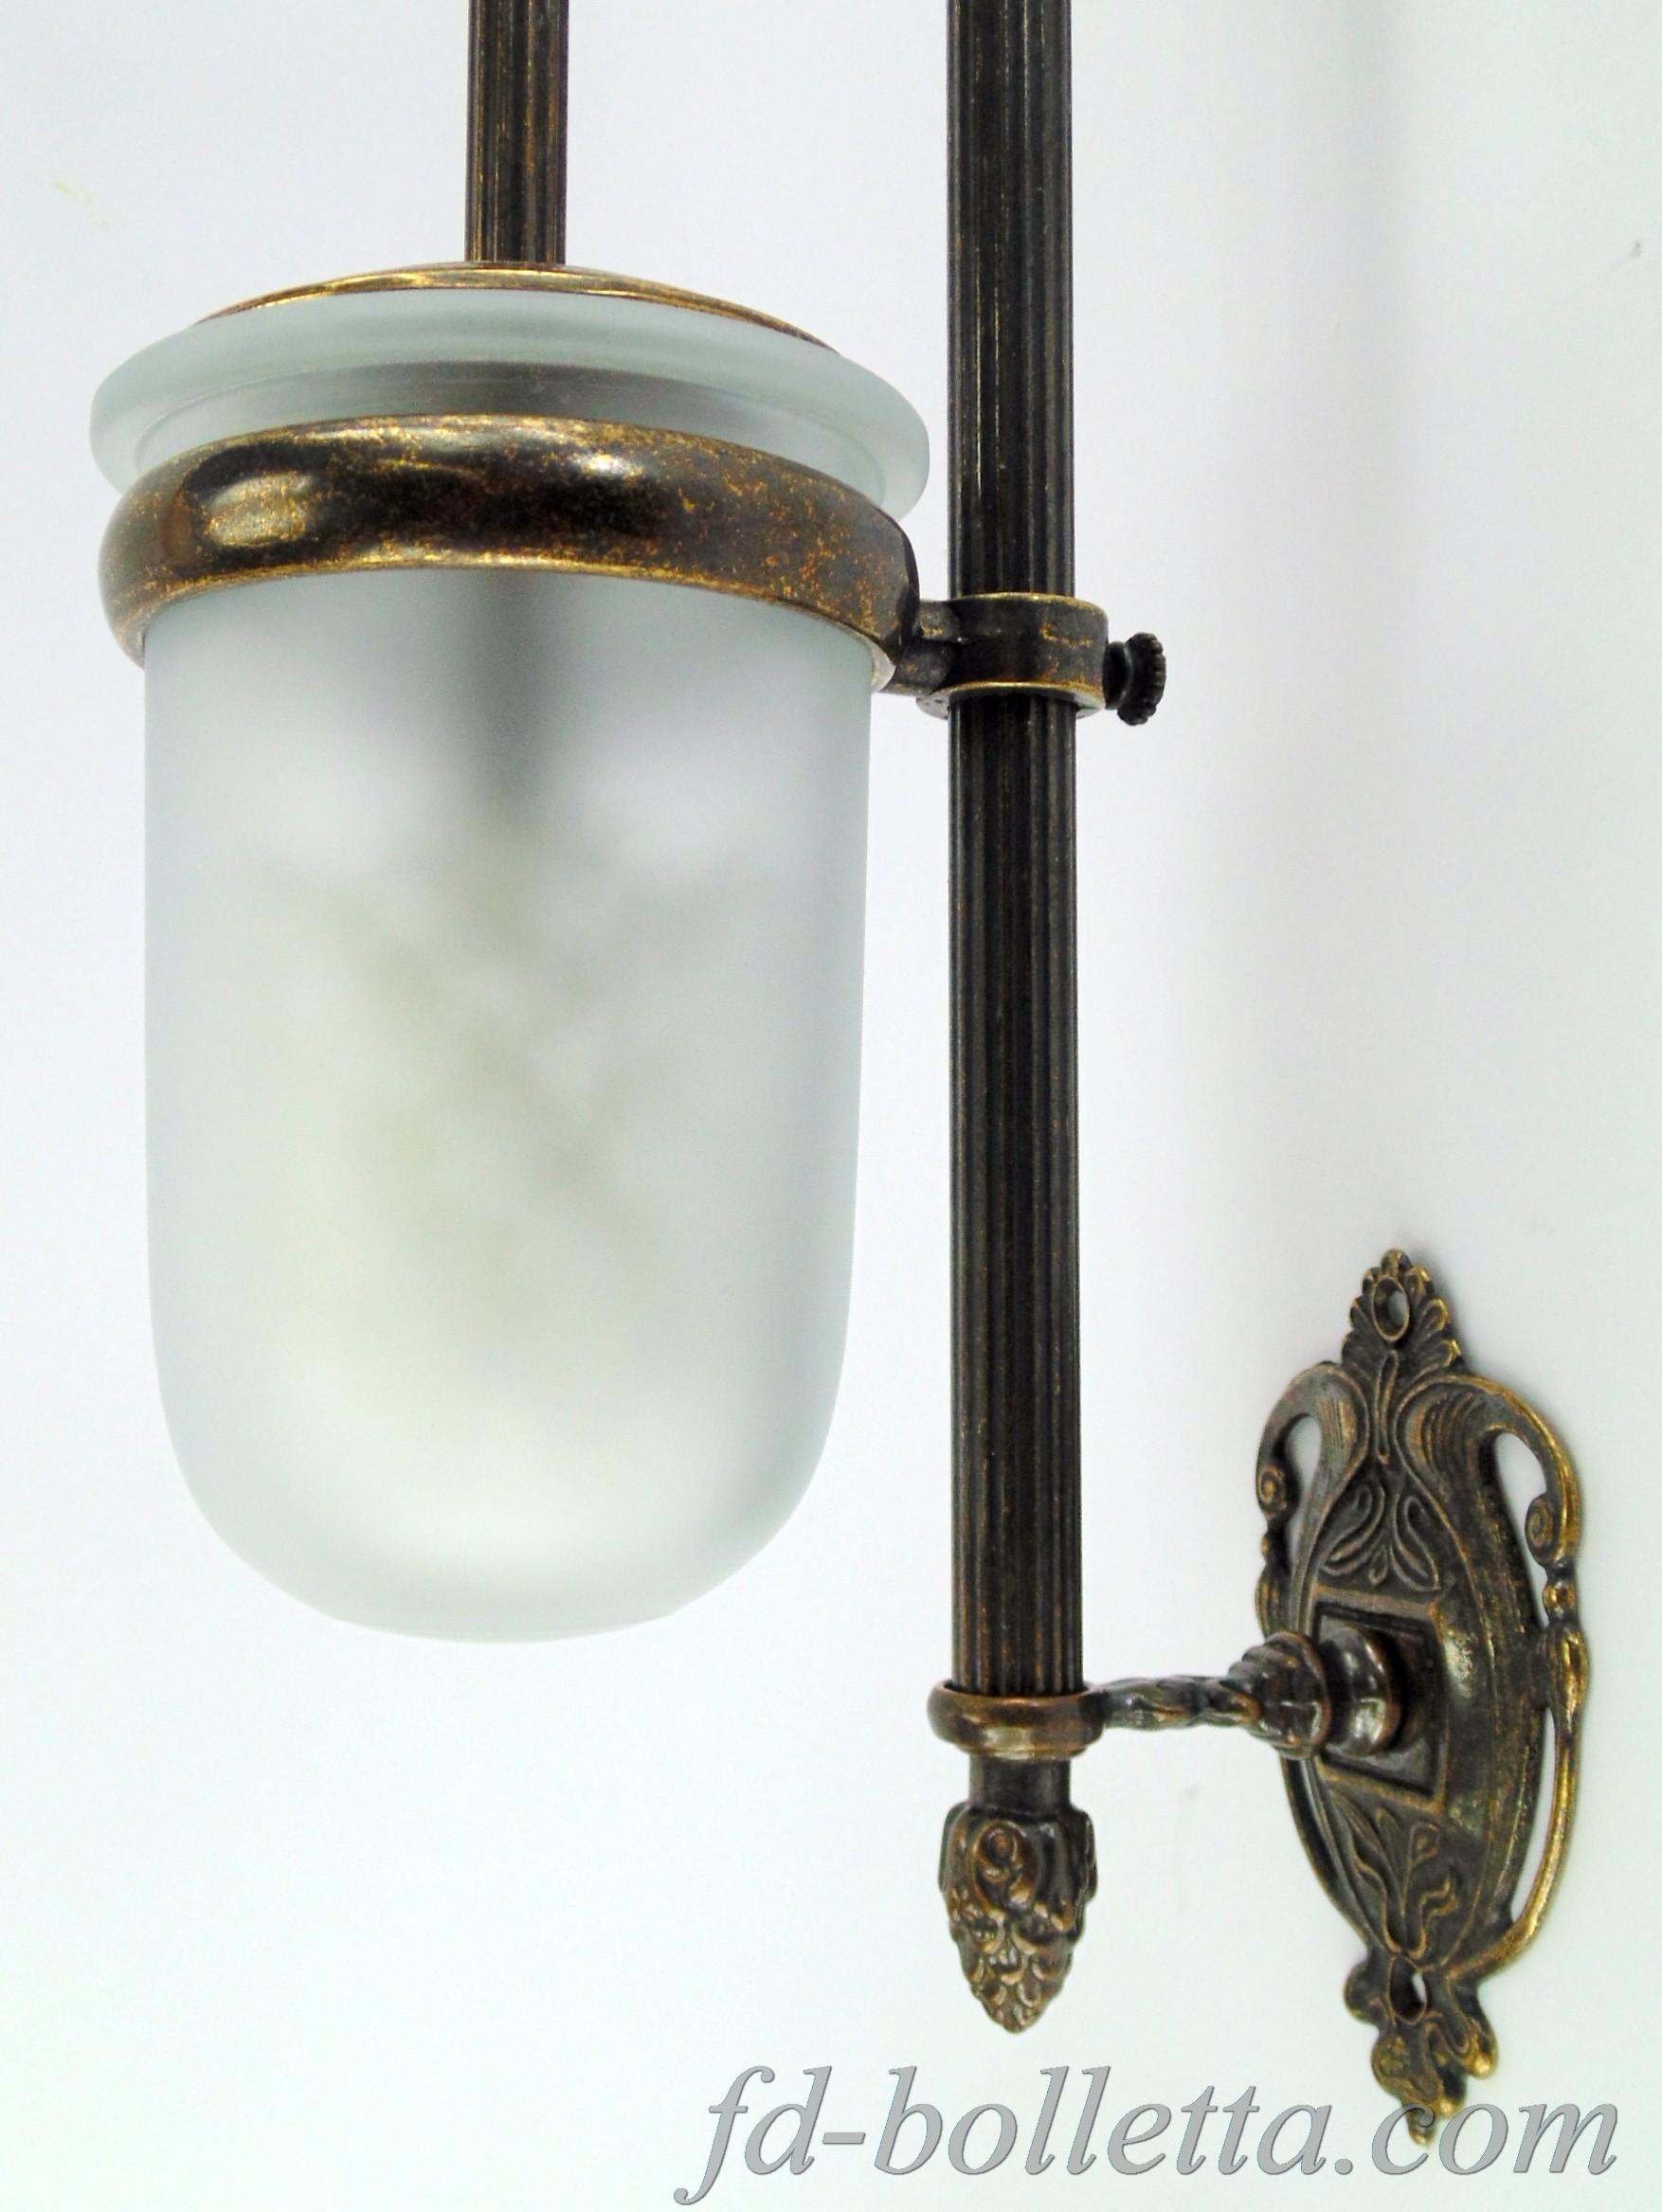 Portascopino ottone da muro wc31 fd bolletta lampade for Accessori bagno da muro